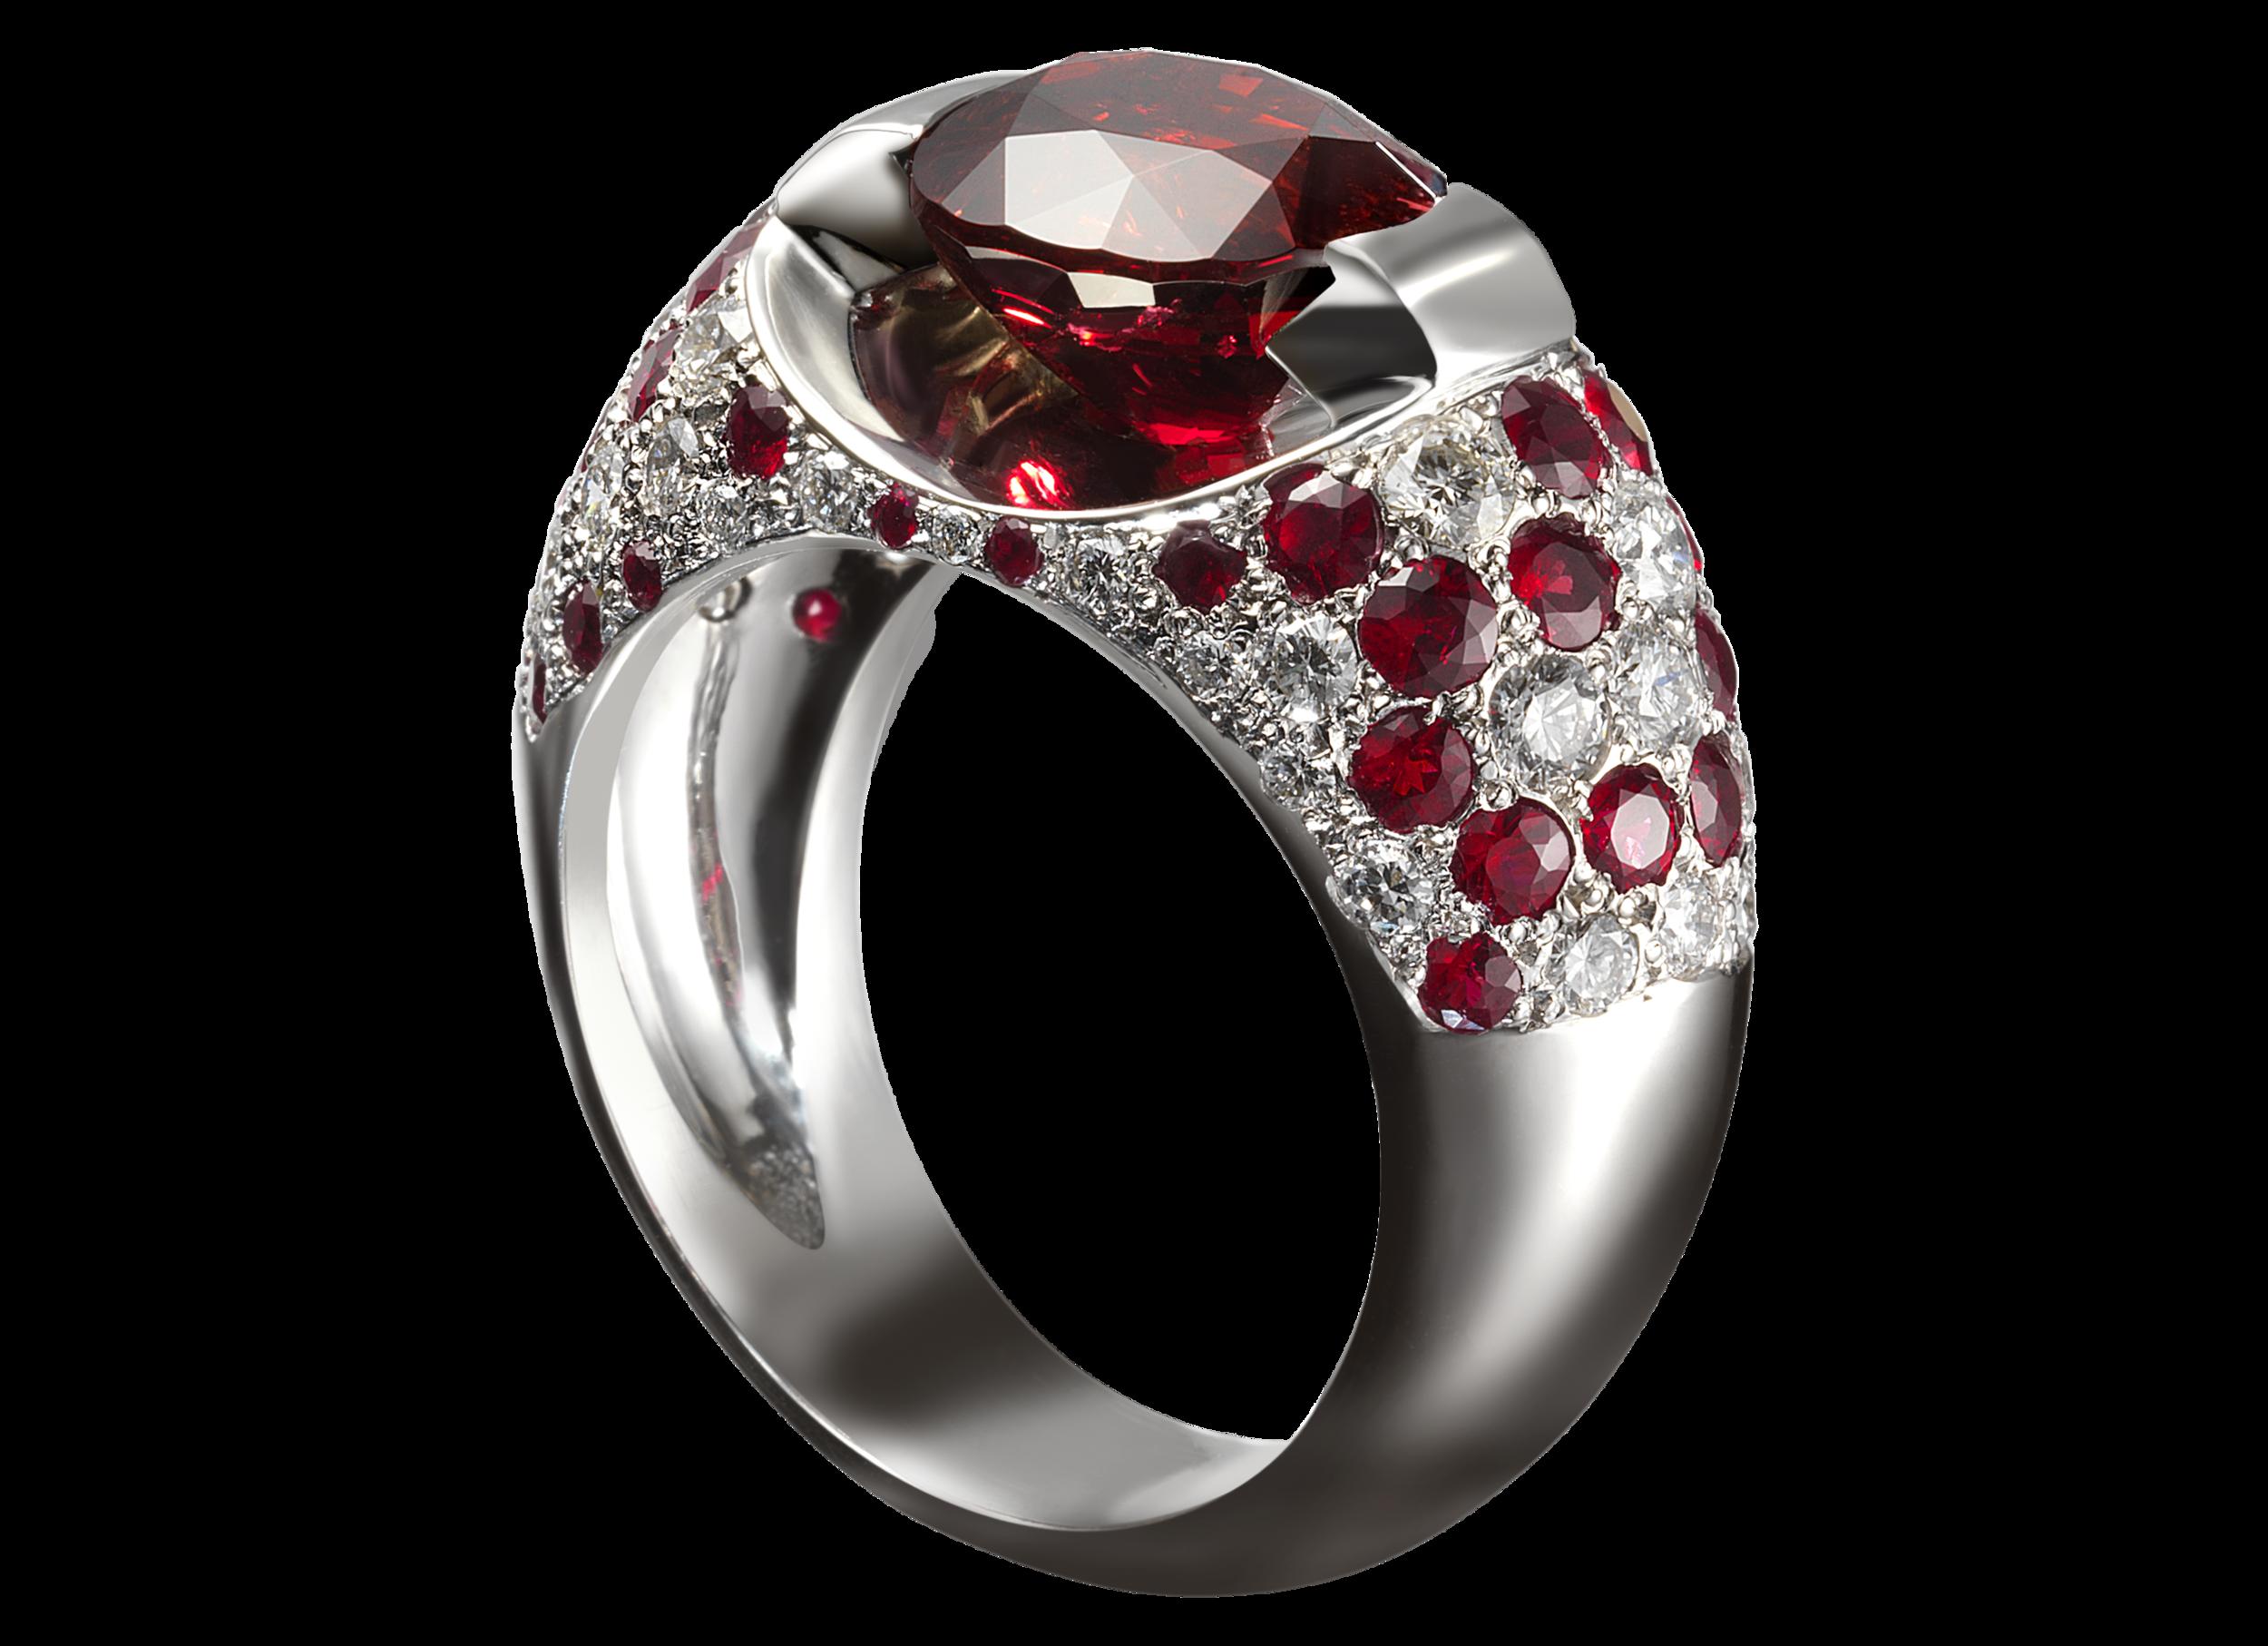 Bague Éolia - Or blanc spinelle ovale de 3,12 carats, pavage de diamants 0,44 carat et de rubis 1,15 carat